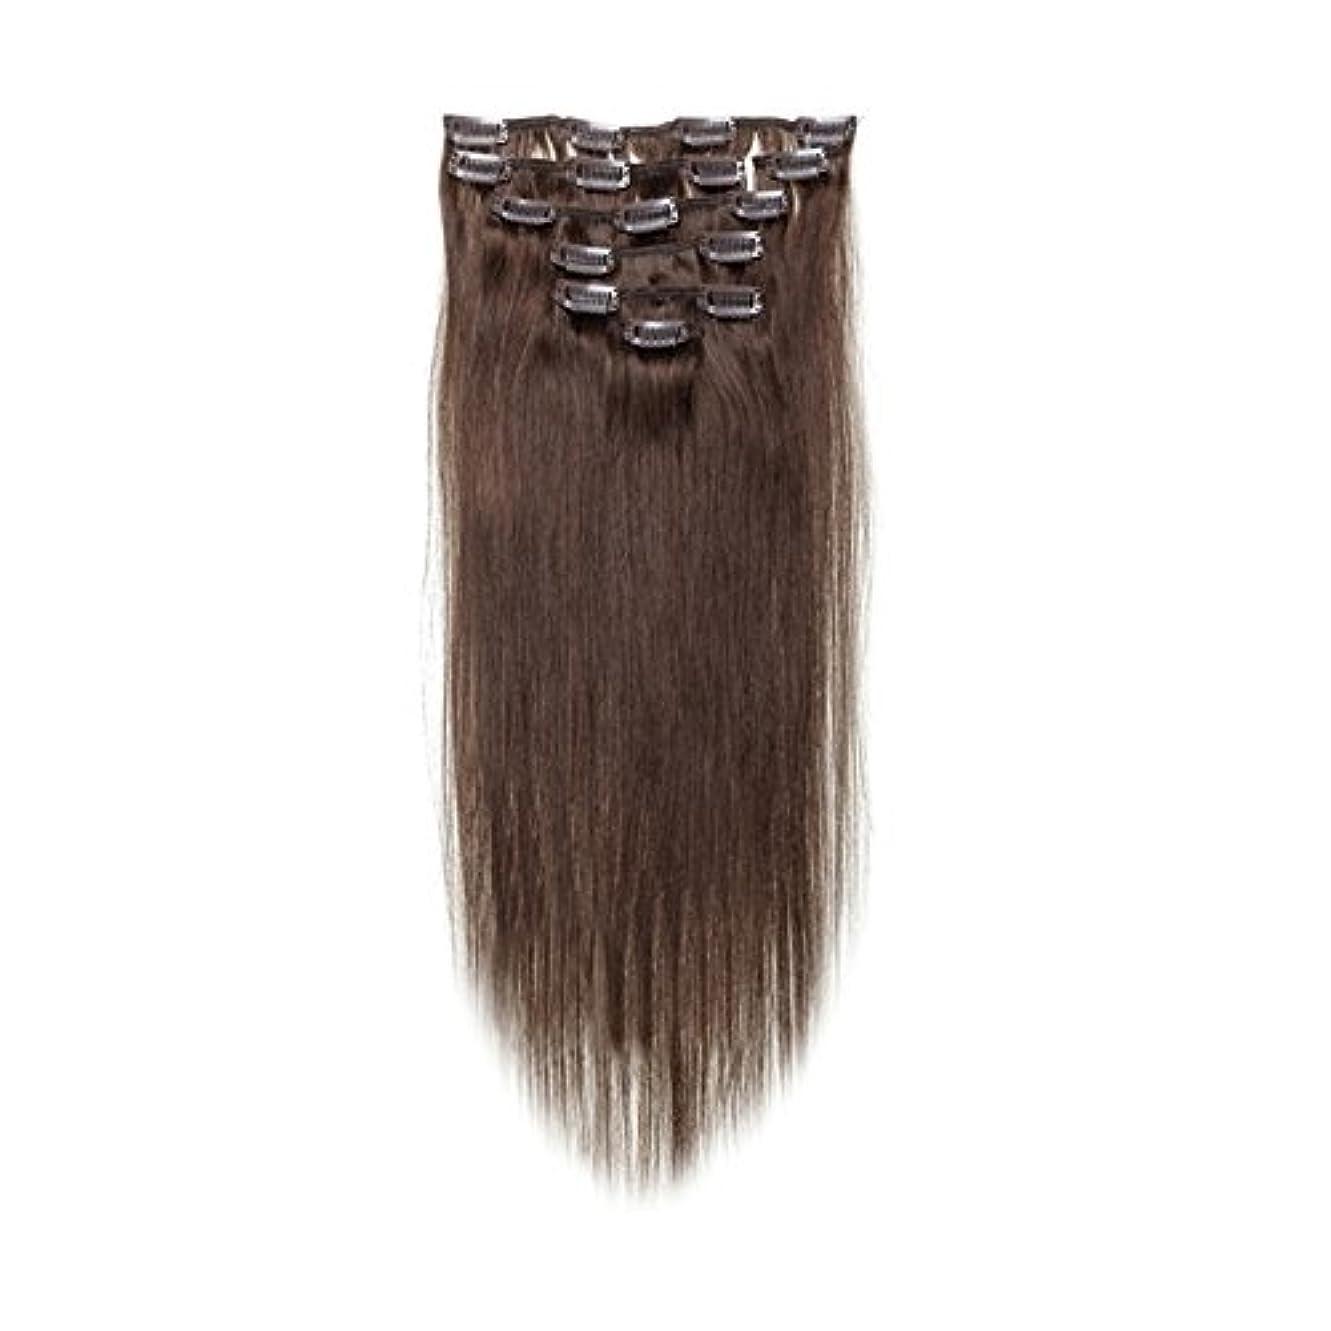 分析的な援助実り多いヘアエクステンション,SODIAL(R) 女性の人間の髪 クリップインヘアエクステンション 7件 70g 20インチ ダークブラウン